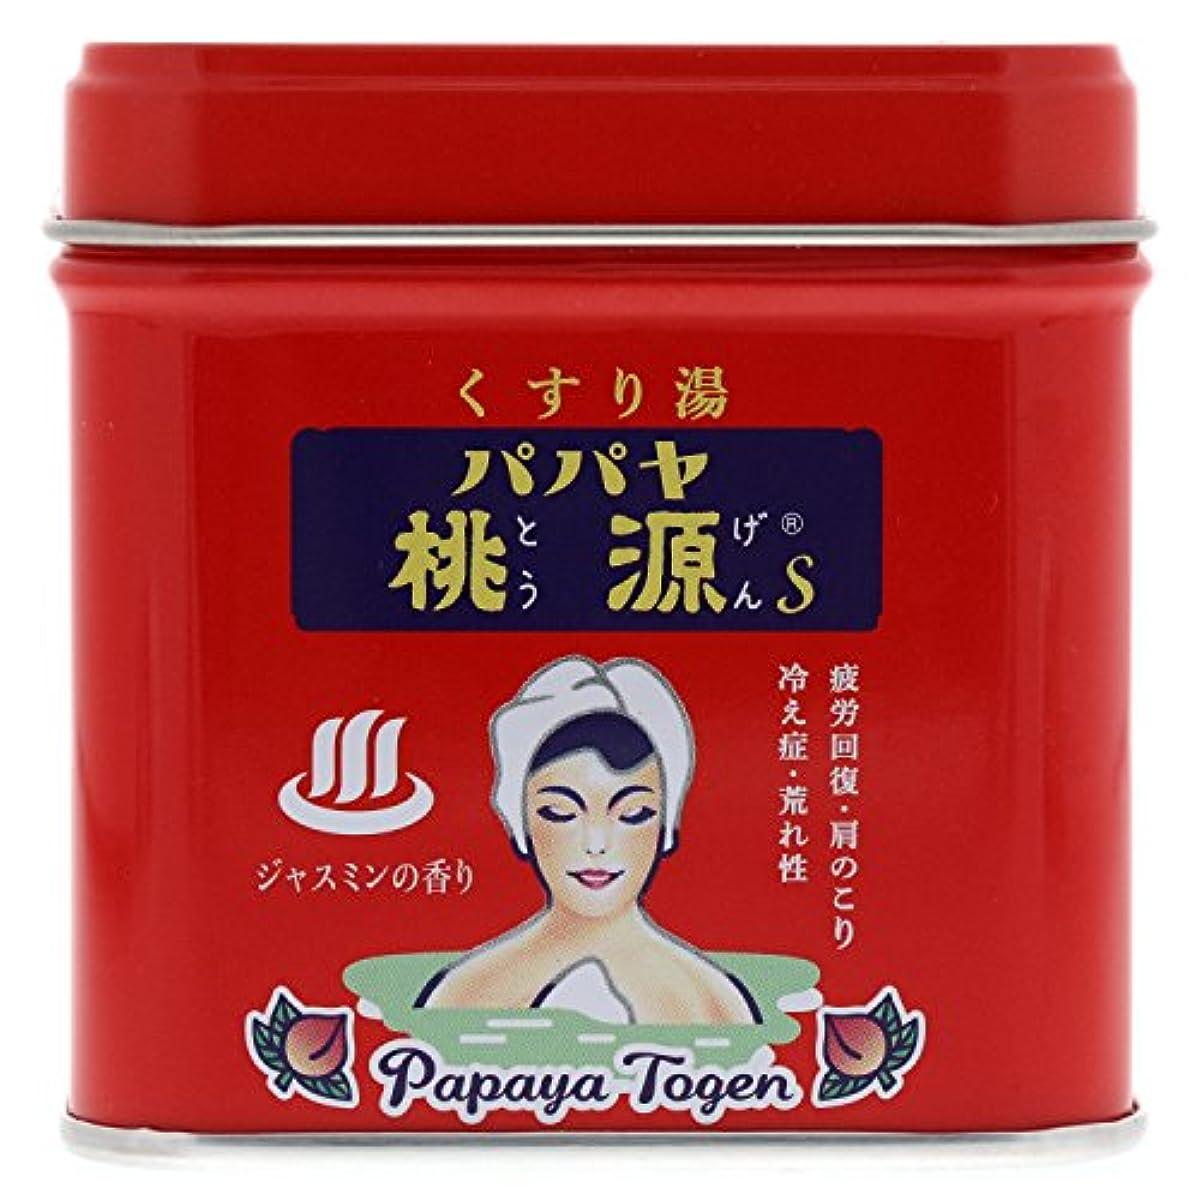 レイプ忘れっぽい真空パパヤ桃源S70g缶 ジャスミンの香り [医薬部外品]